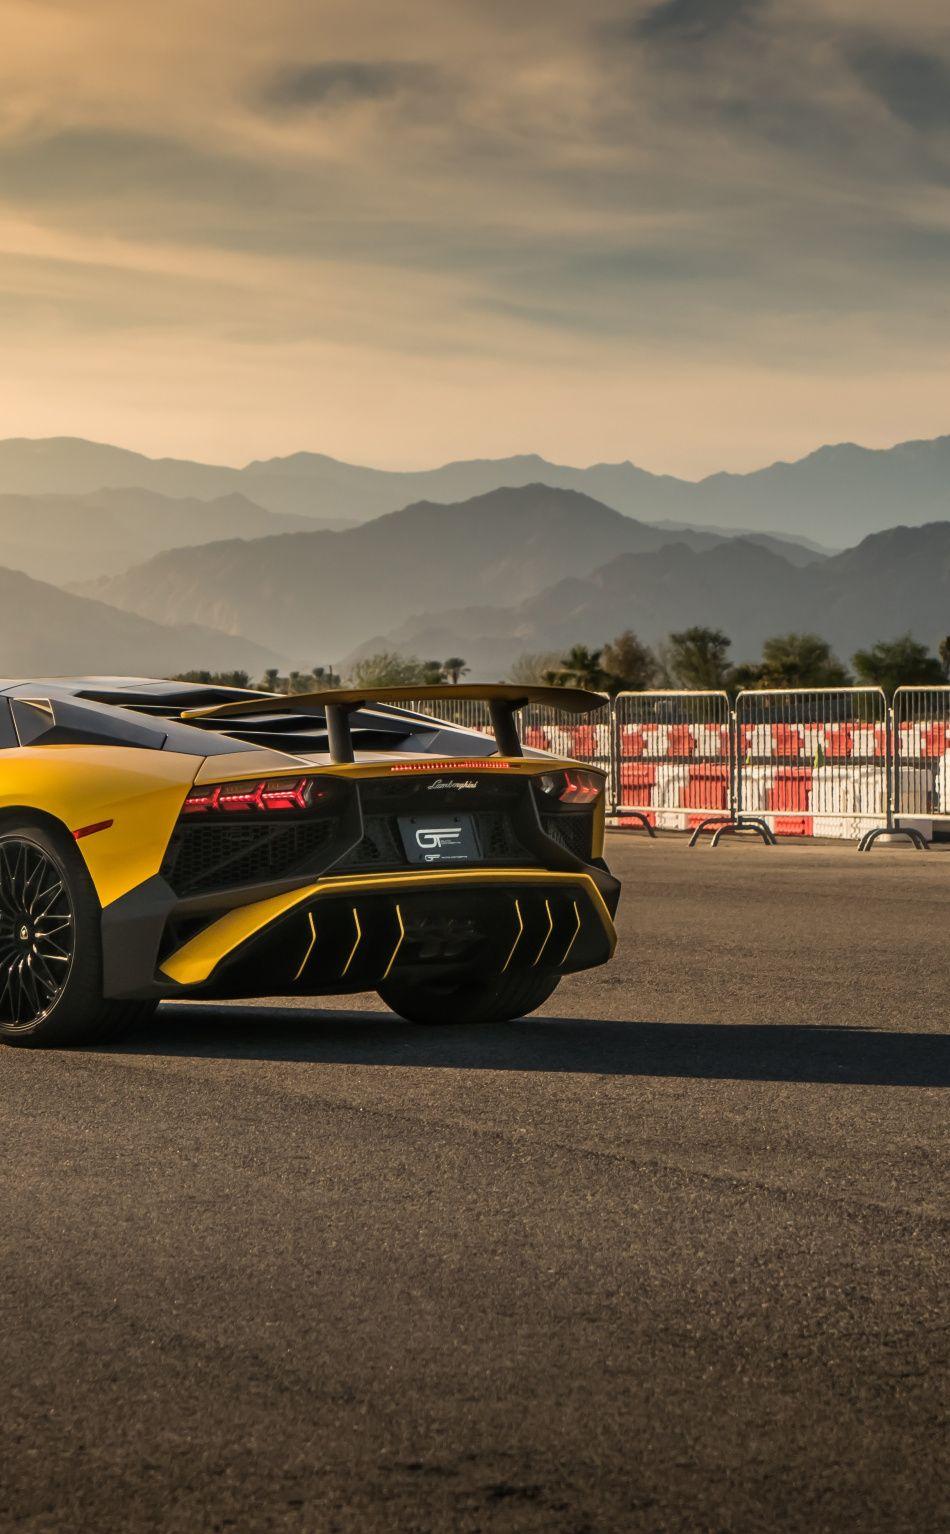 Aventador SVJ, yellow, rear view, 2019